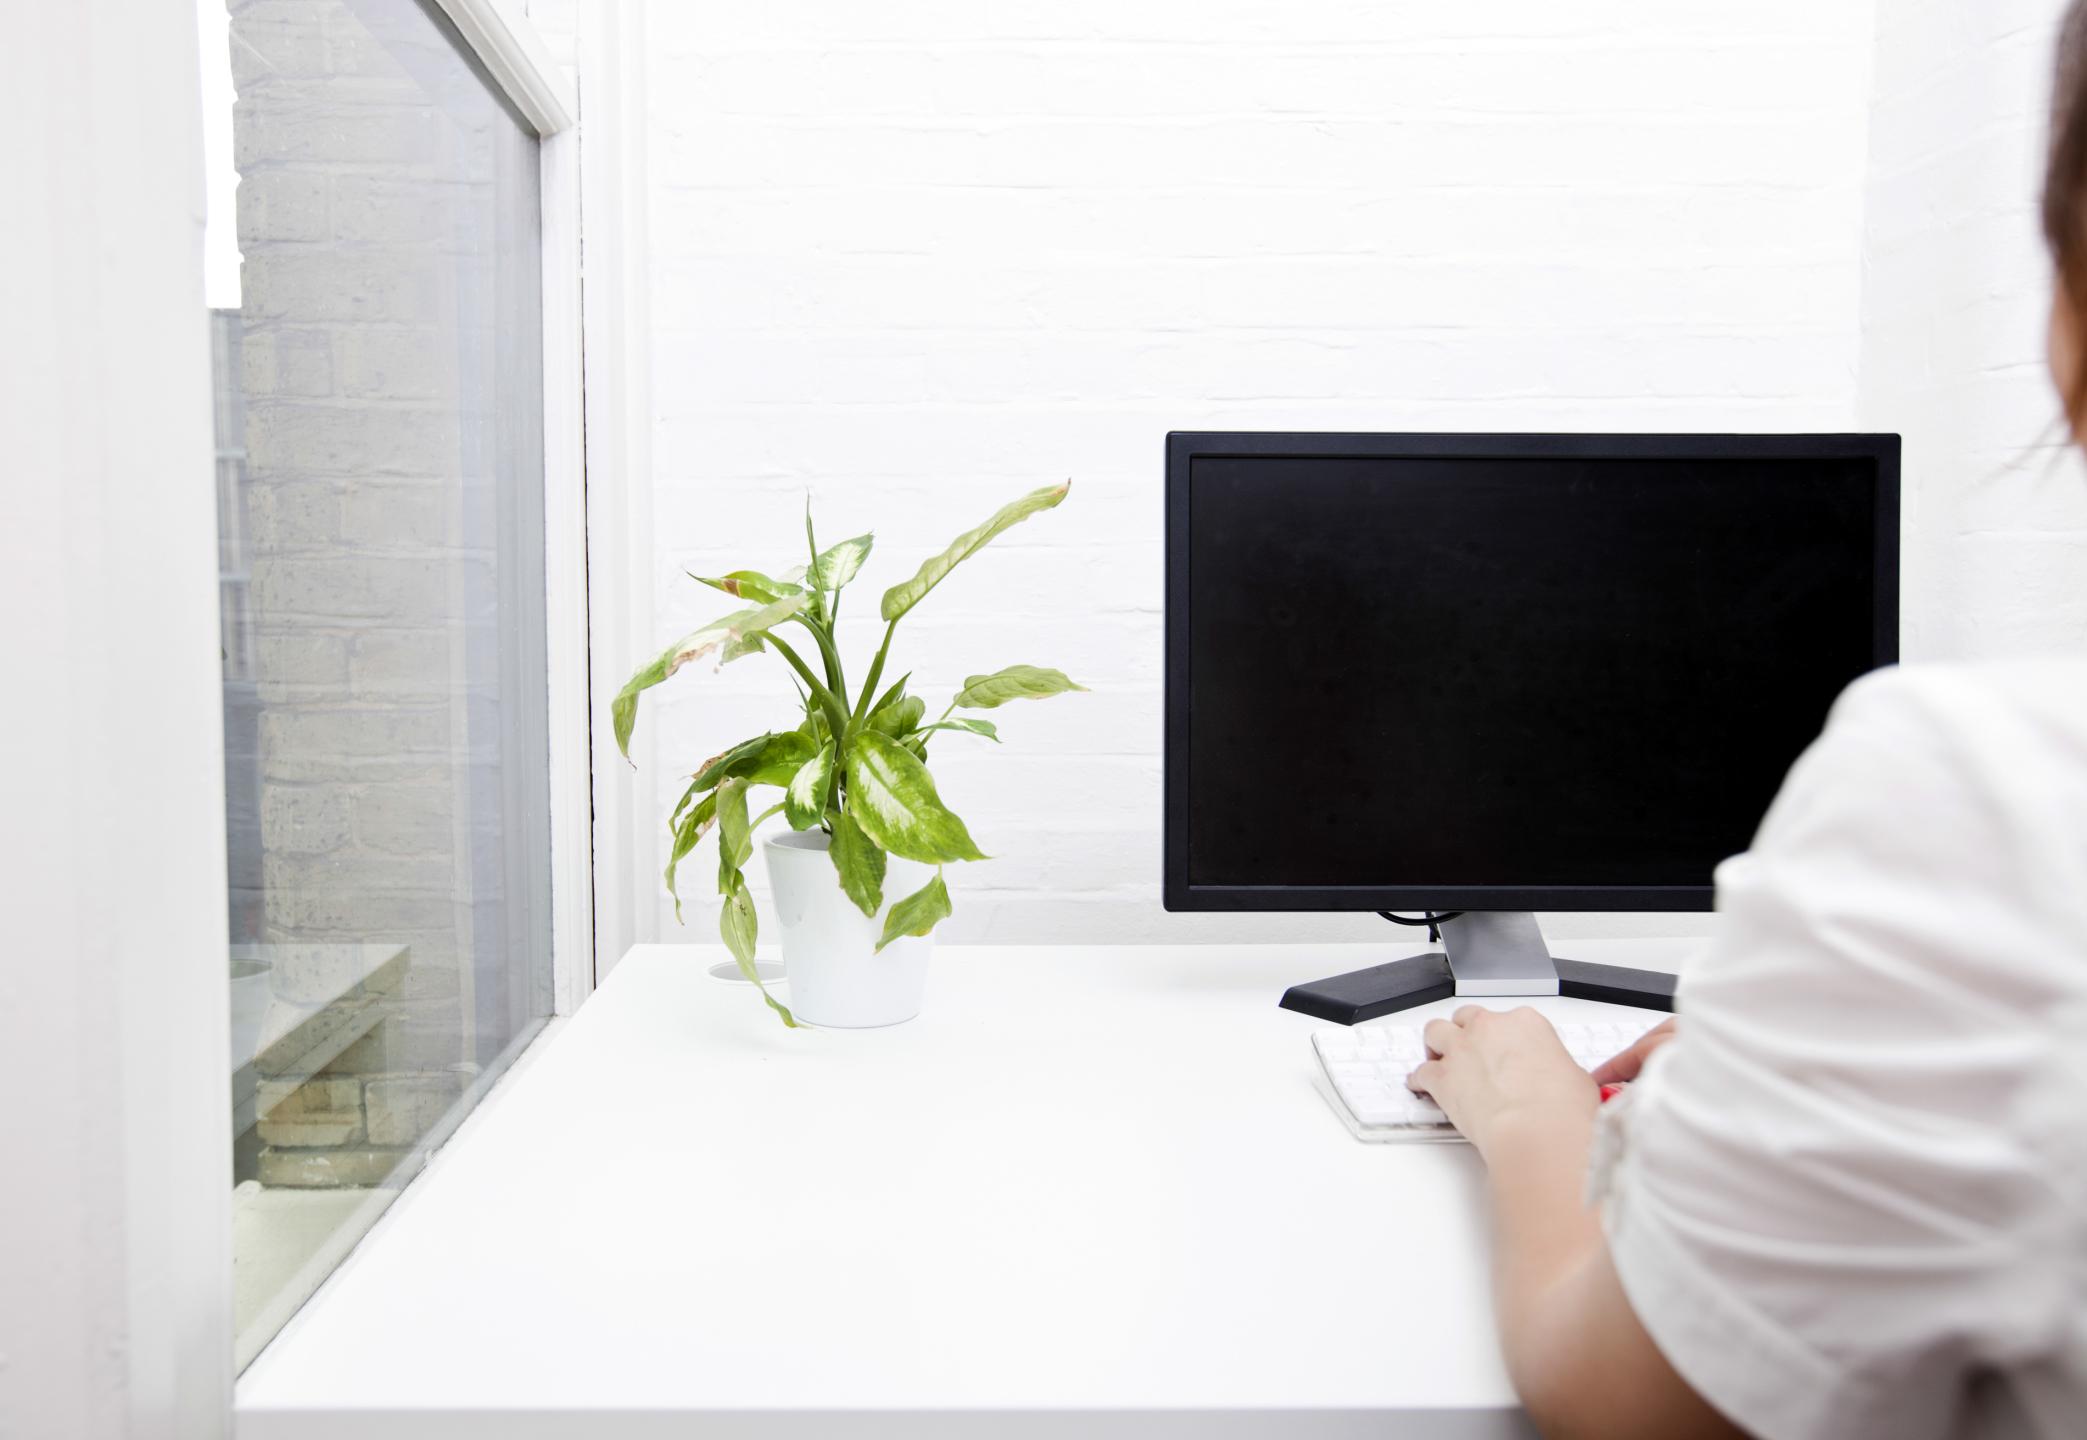 studienteilnehmer mit bulimischer essst rung gesucht. Black Bedroom Furniture Sets. Home Design Ideas